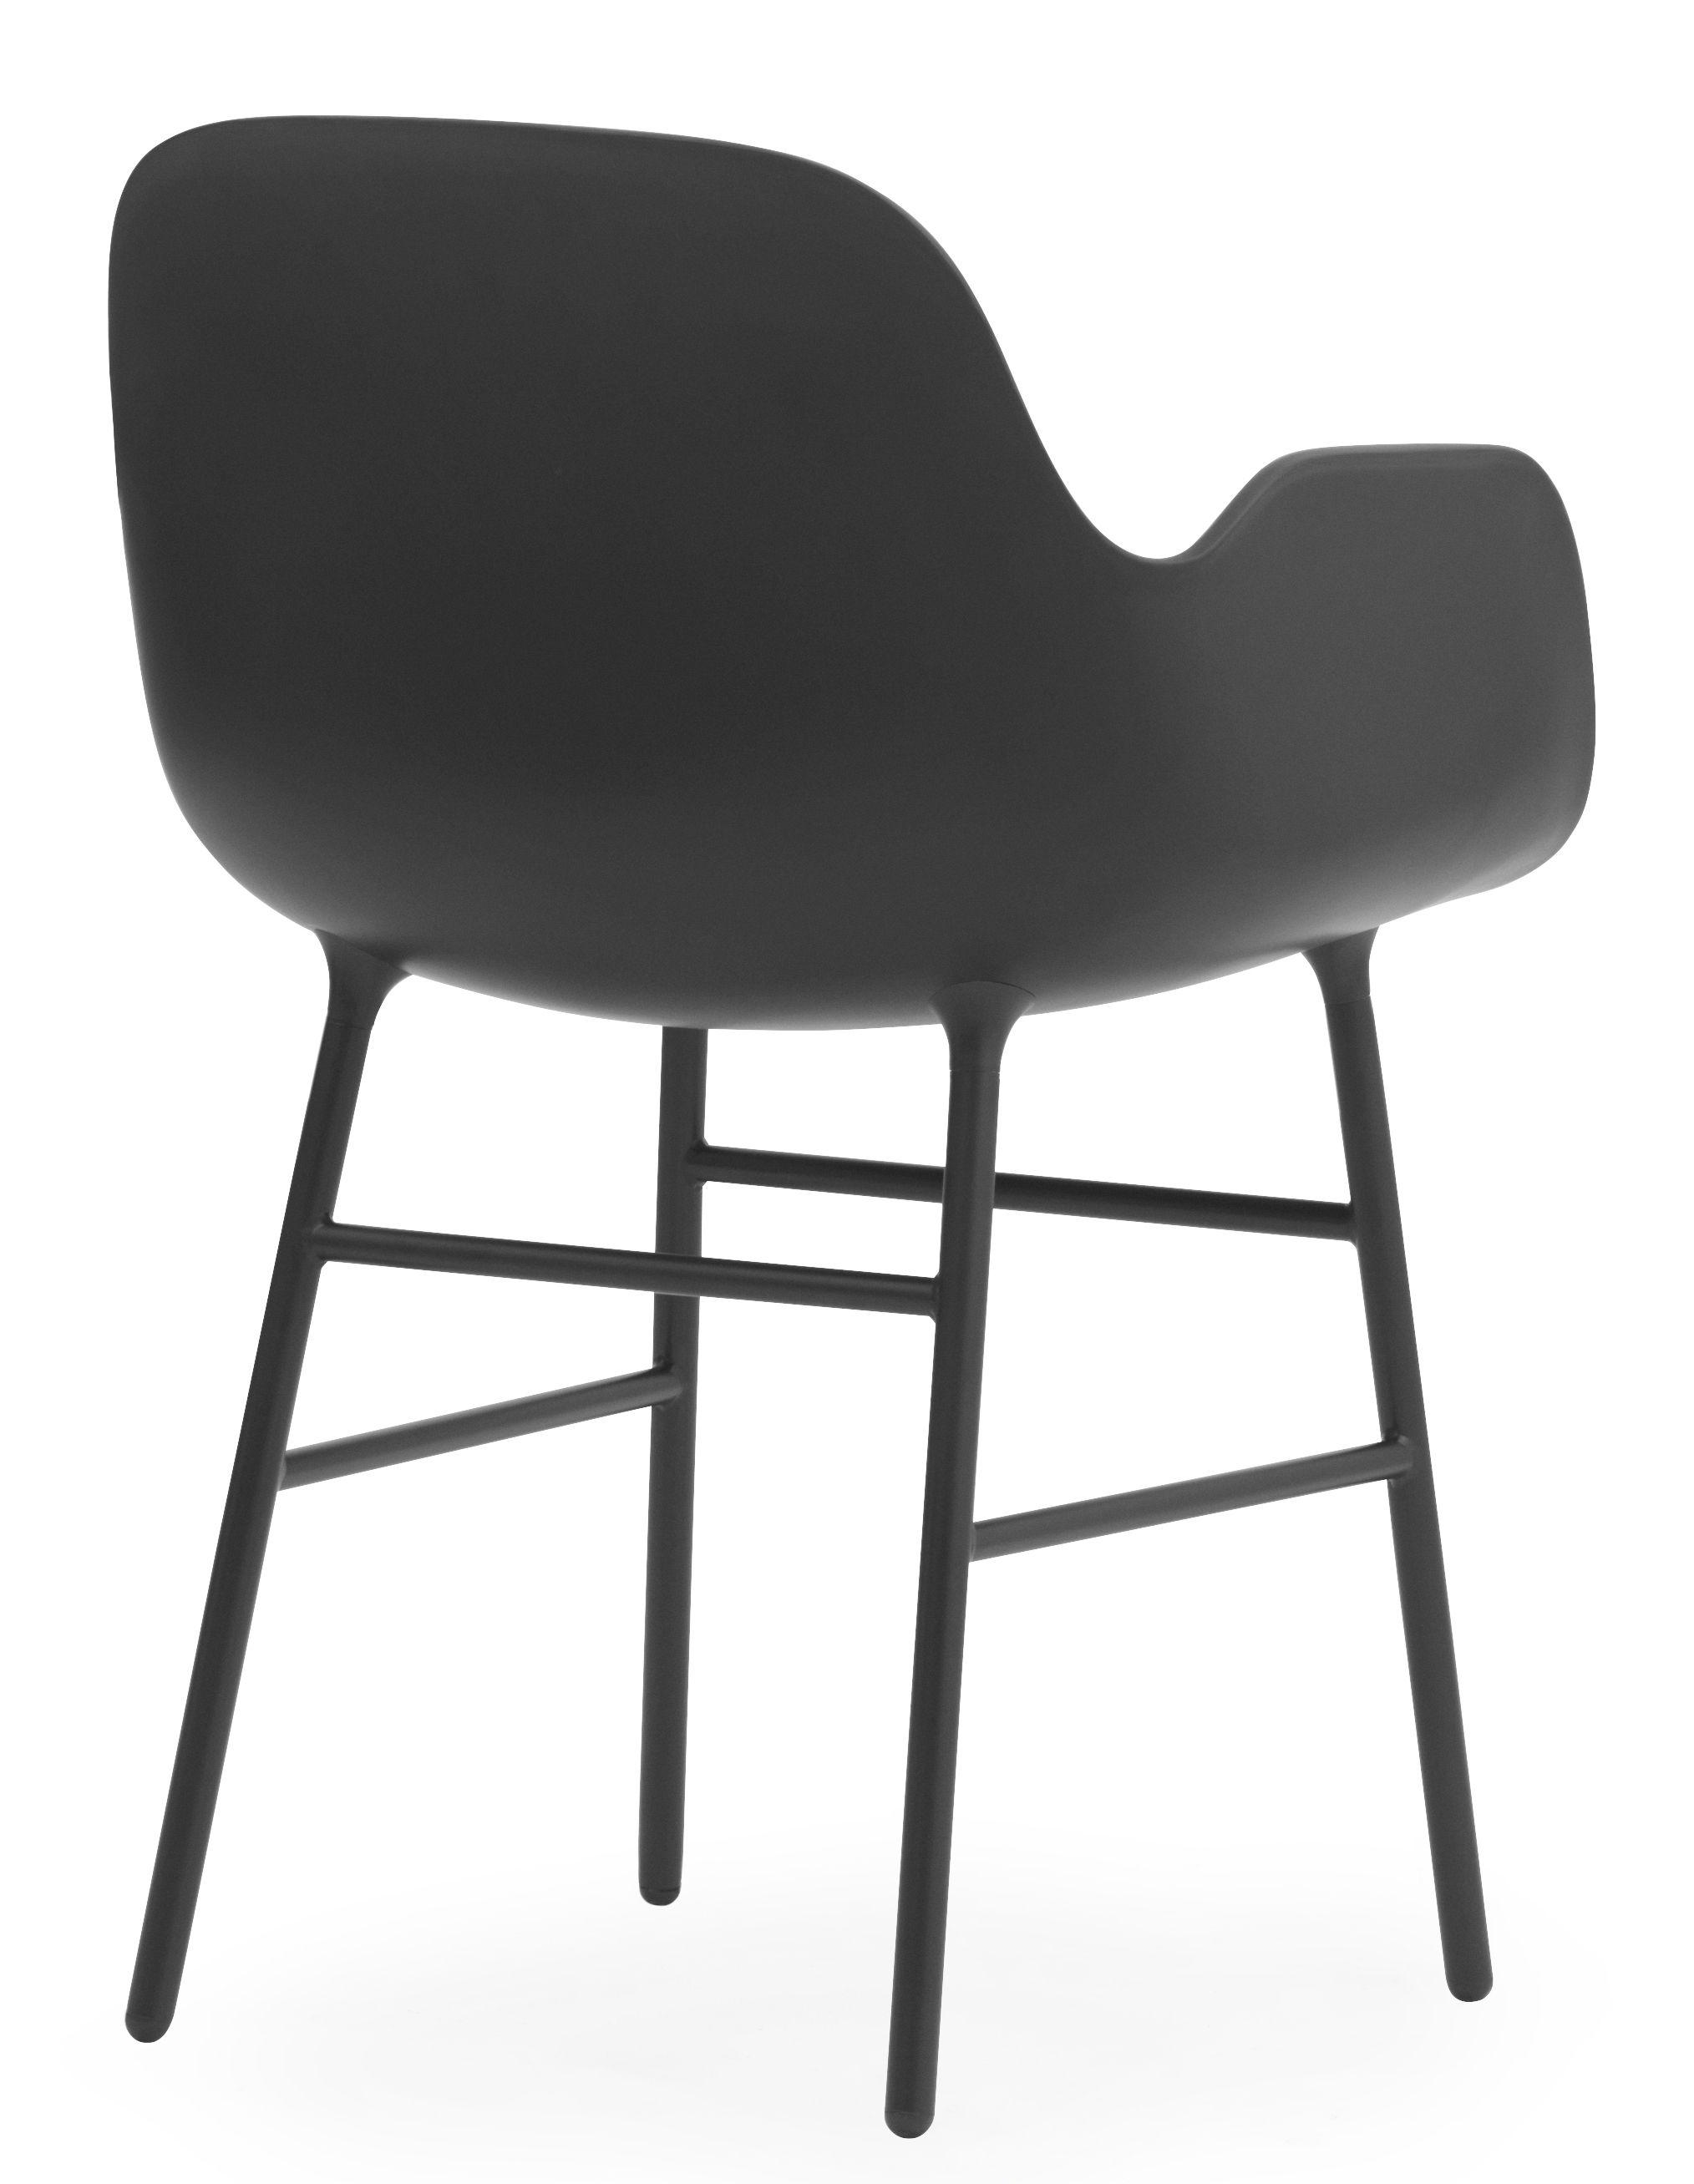 fauteuil form pied m tal noir normann copenhagen. Black Bedroom Furniture Sets. Home Design Ideas